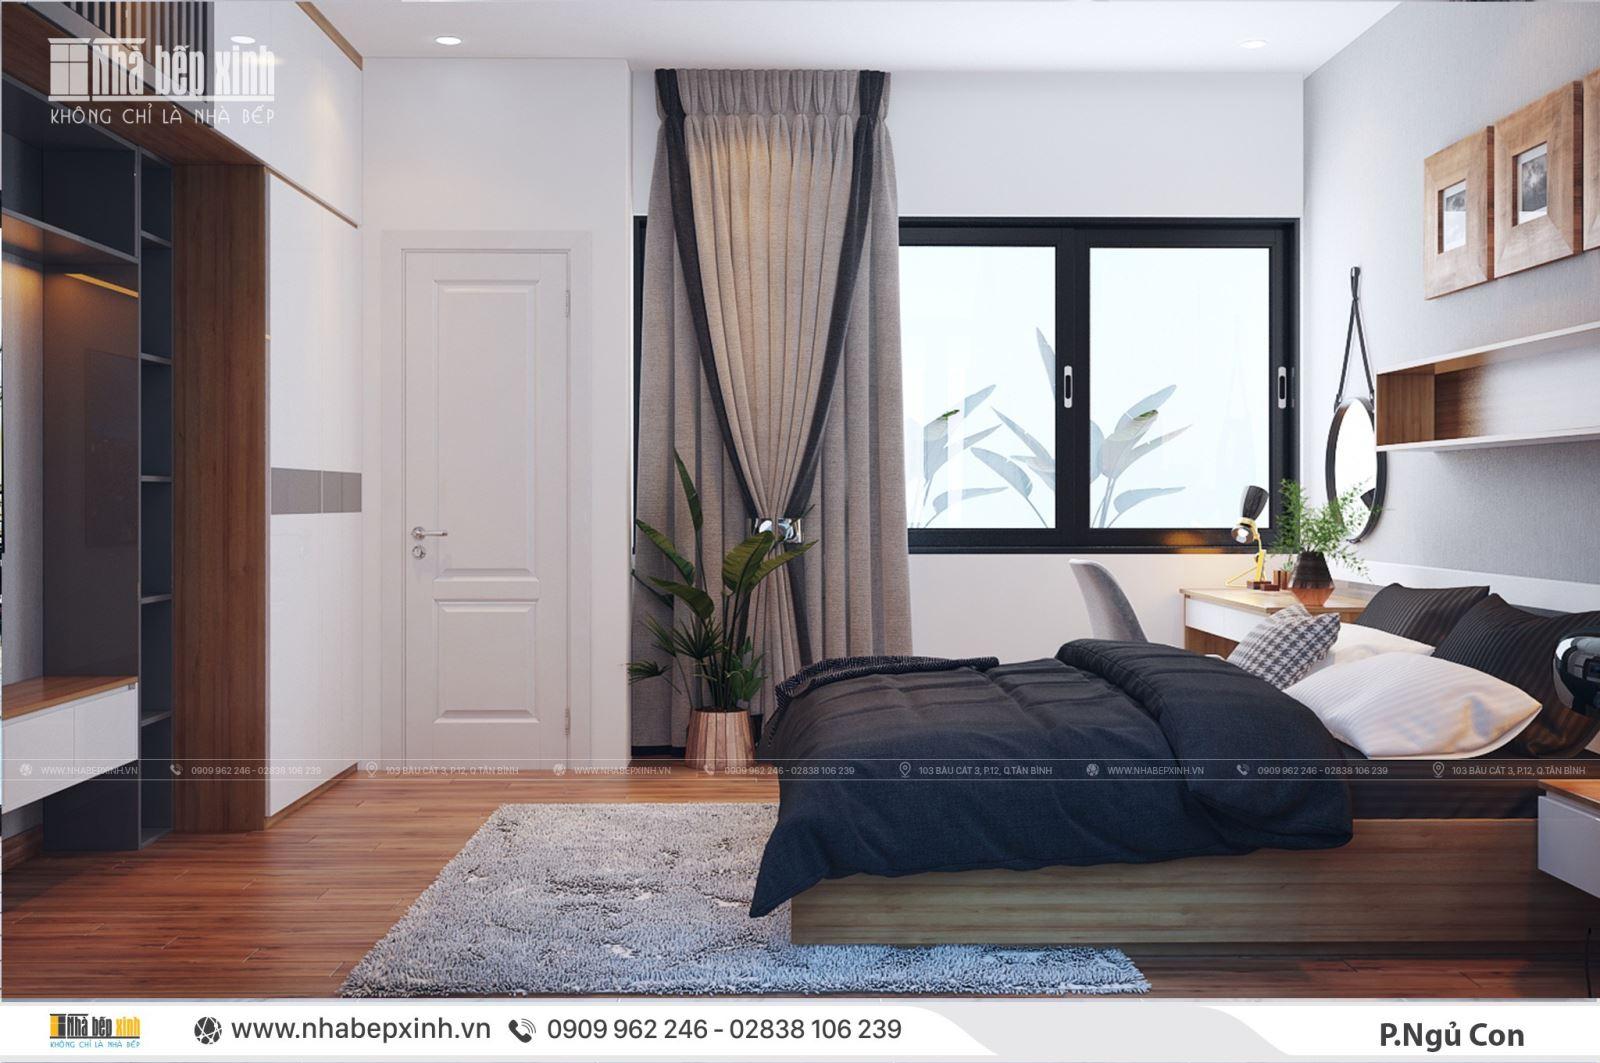 Ngỡ ngàng với phòng ngủ hiện đại